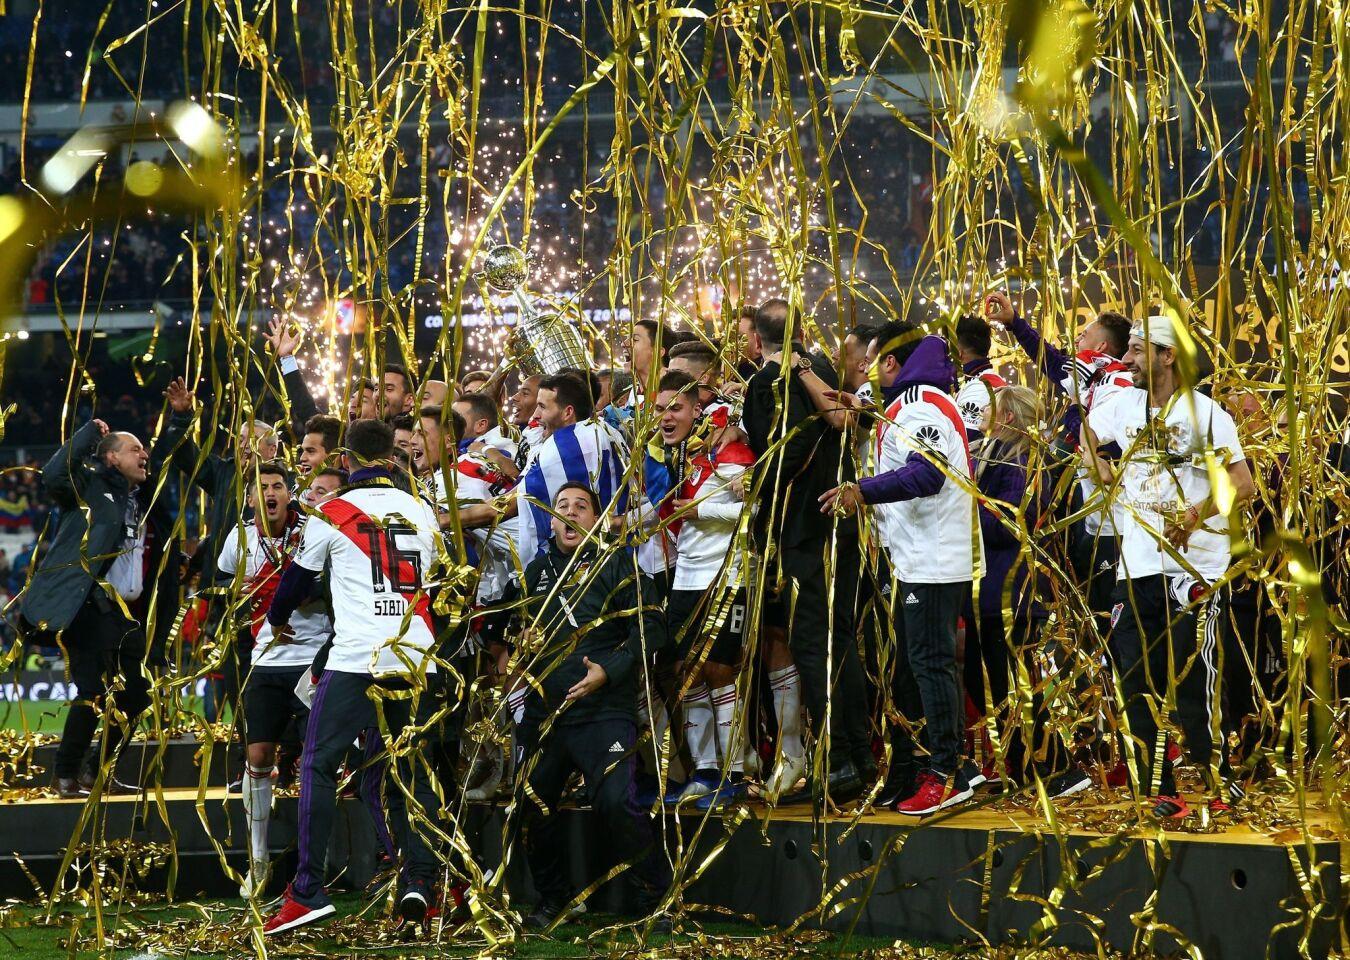 Los jugadores del River Plate celebran el triunfo de la final de la Copa Libertadores al ganar 3 a 1 al Boca Juniors durante el encuentro jugado en el estadio Santiago Bernabéu.